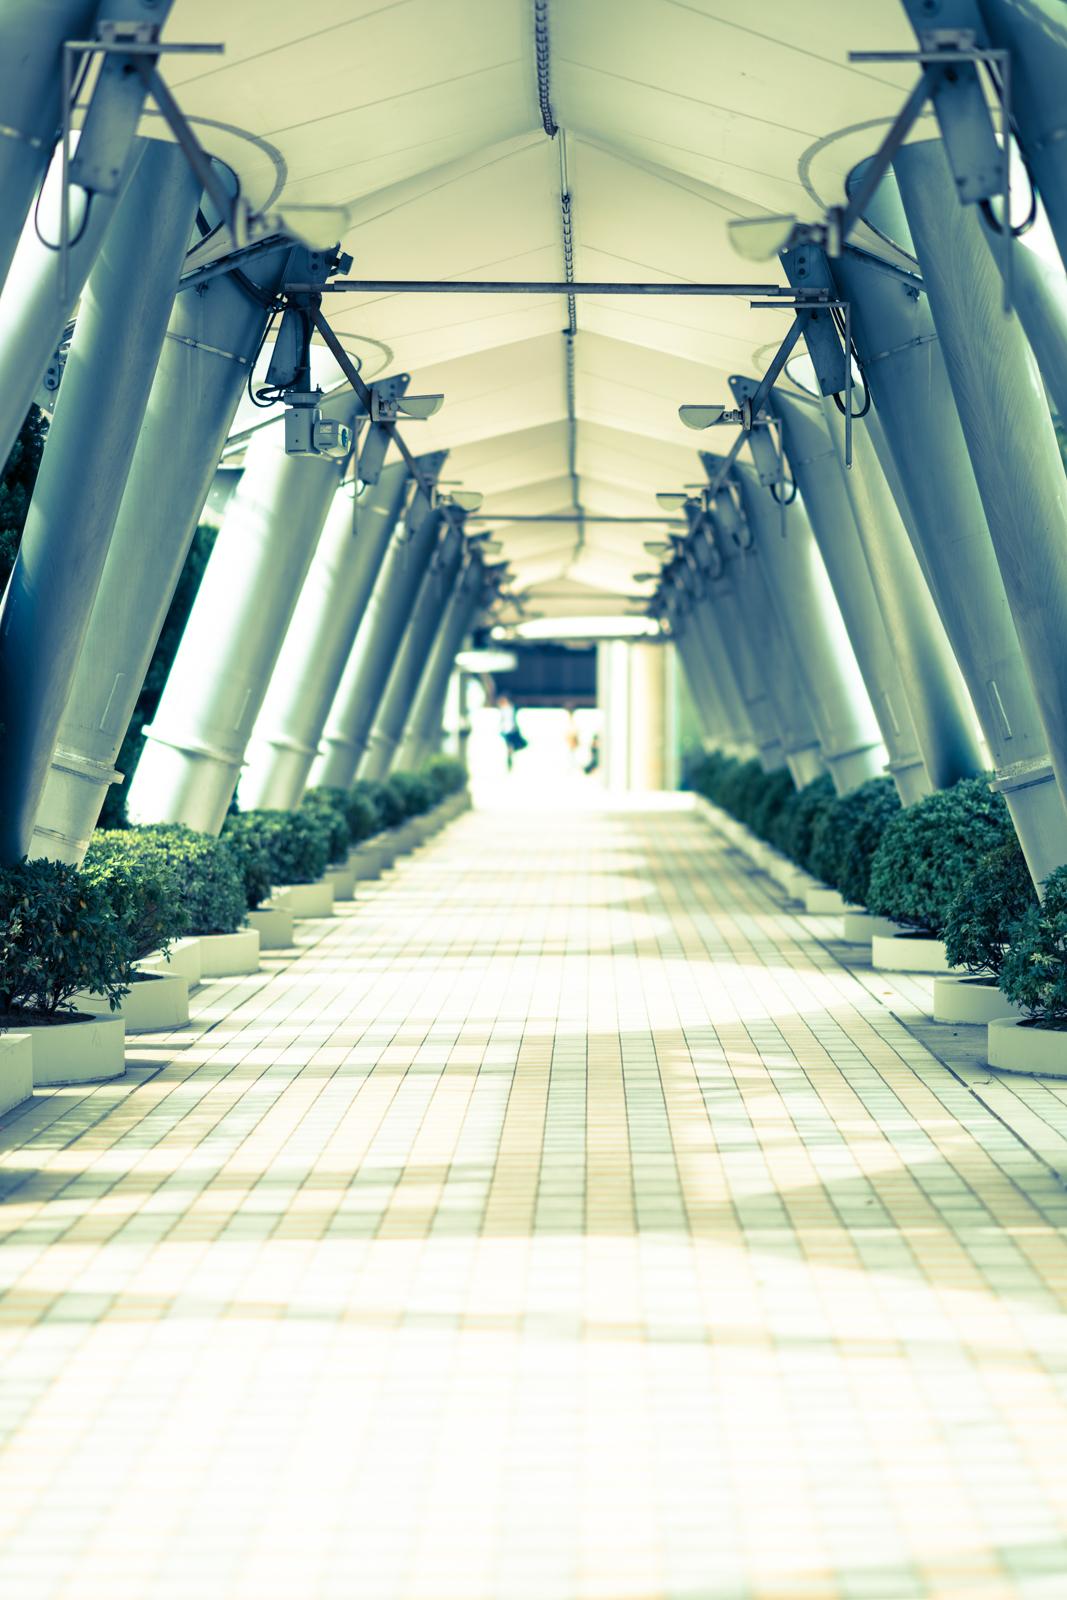 クロスプロセスでRAW現像した舗装された道の写真